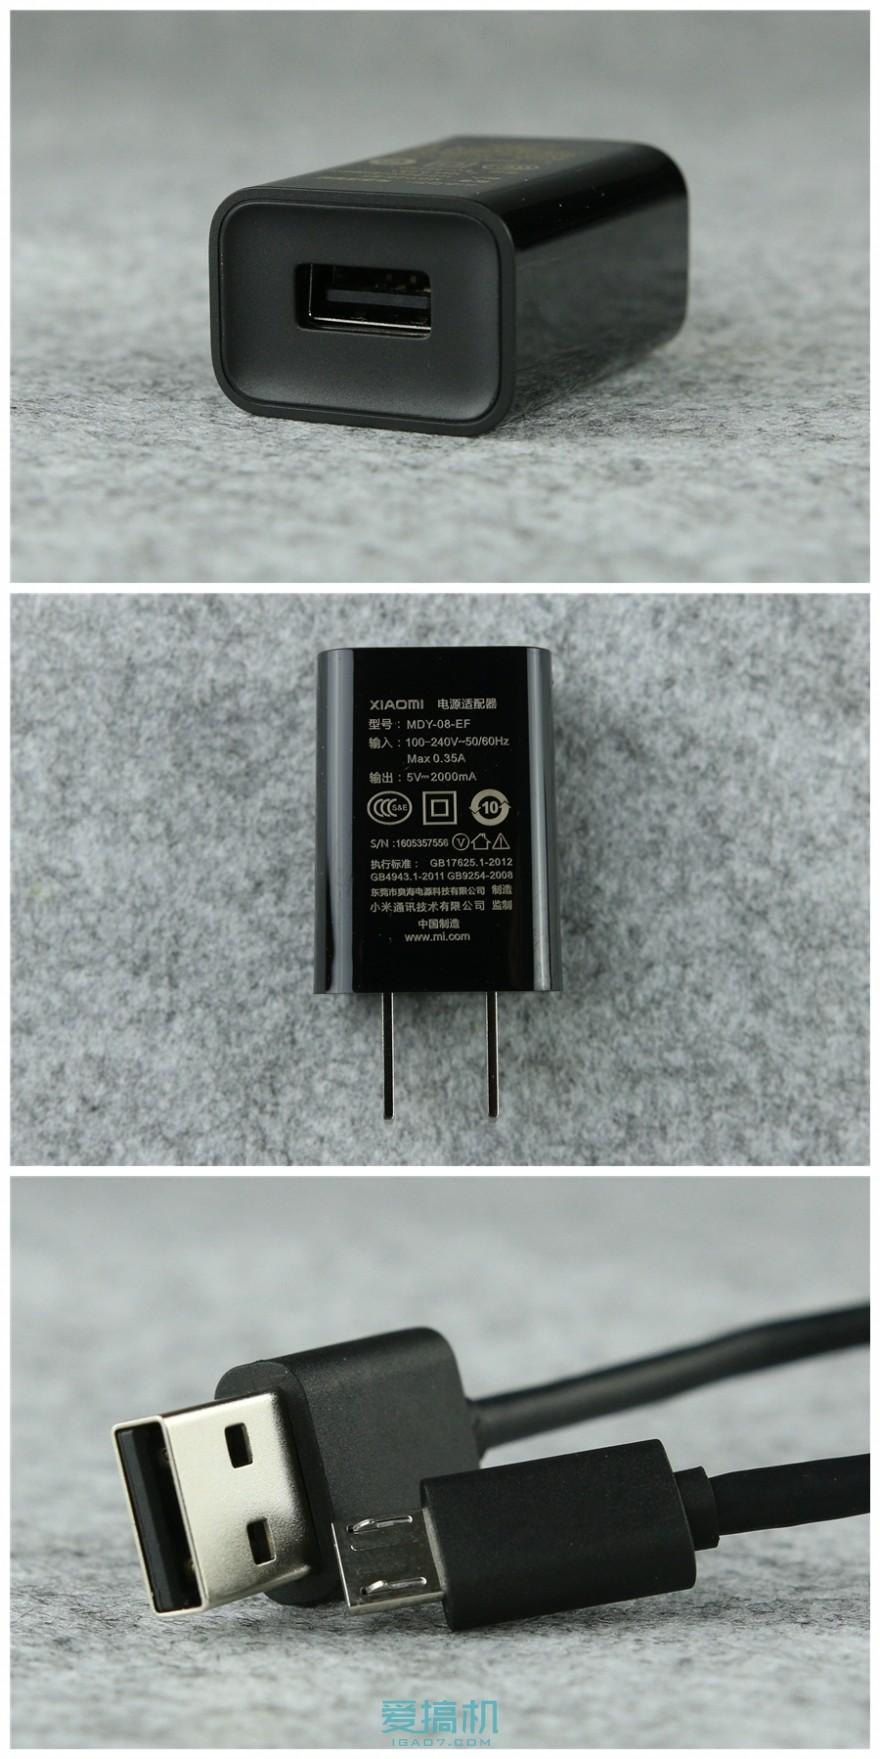 红米3S使用评测:全新骁龙430处理器 千元小钢炮?